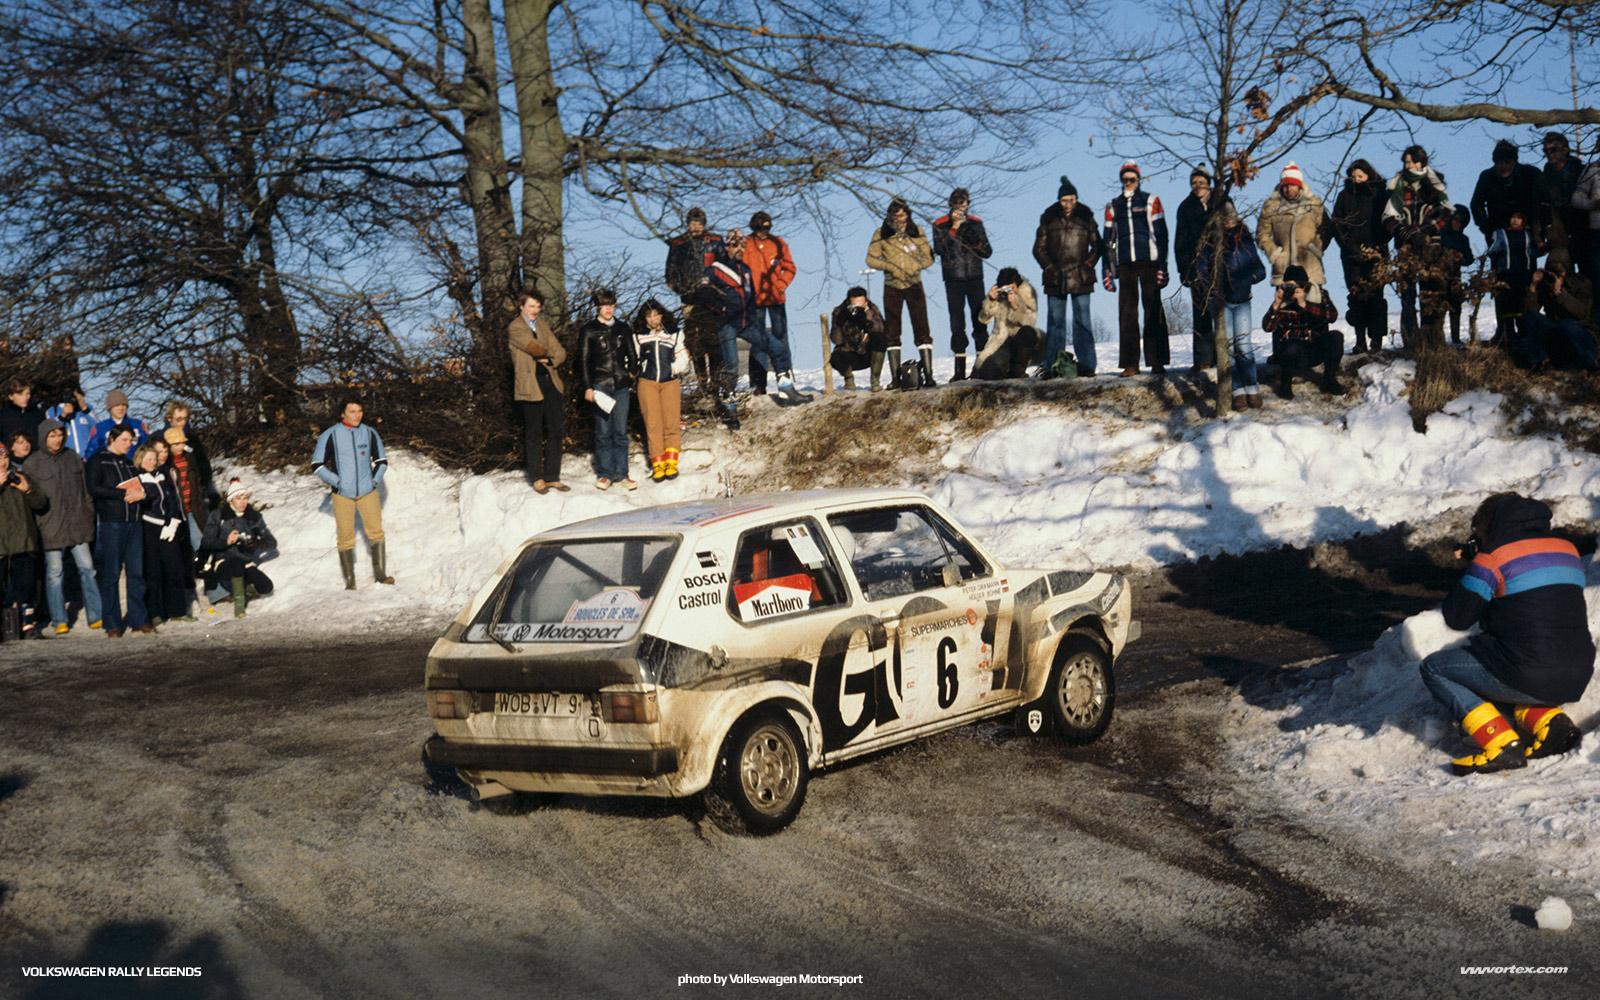 volkswagen-rally-legends-391